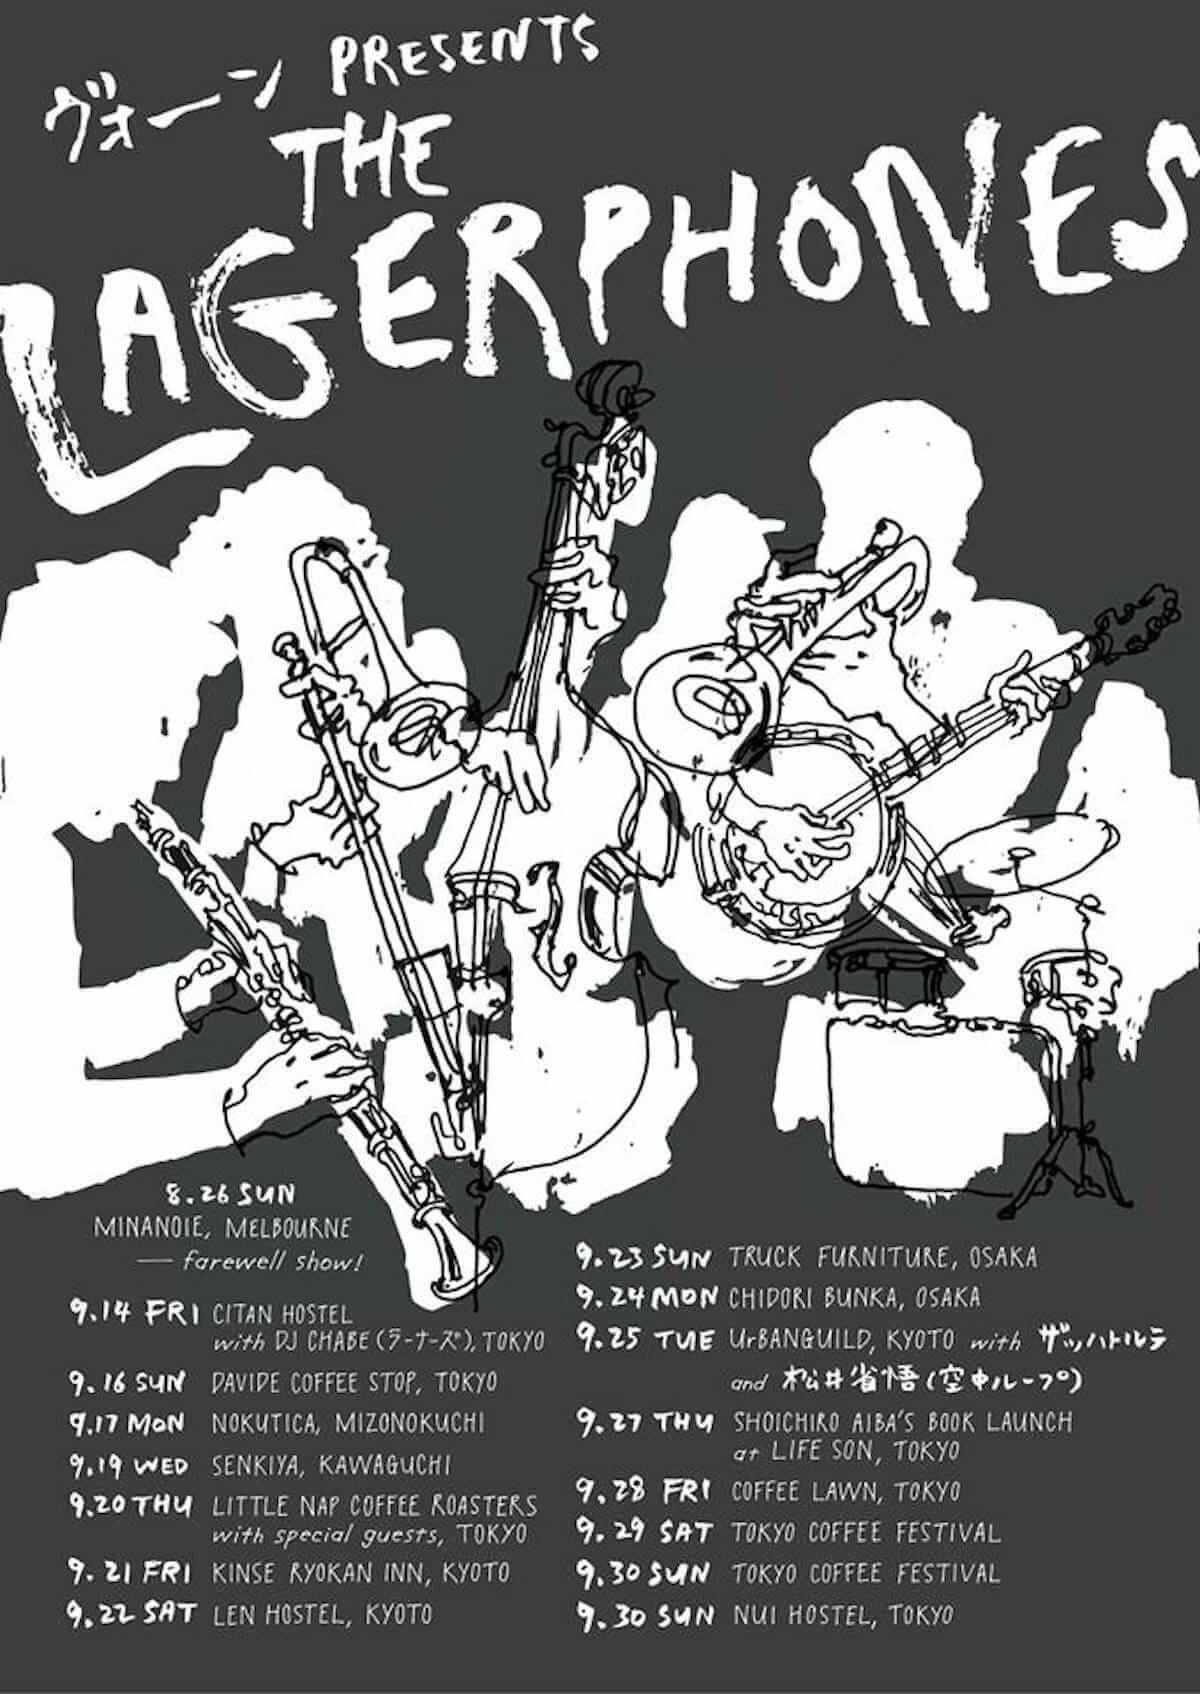 最初に覚えた日本語は「二日酔い」?ジャズとアートの街、メルボルンの空気をビール片手に伝達するジャズバンドThe Lagerphonesが来日 music180810-lagerphones-4-1200x1694